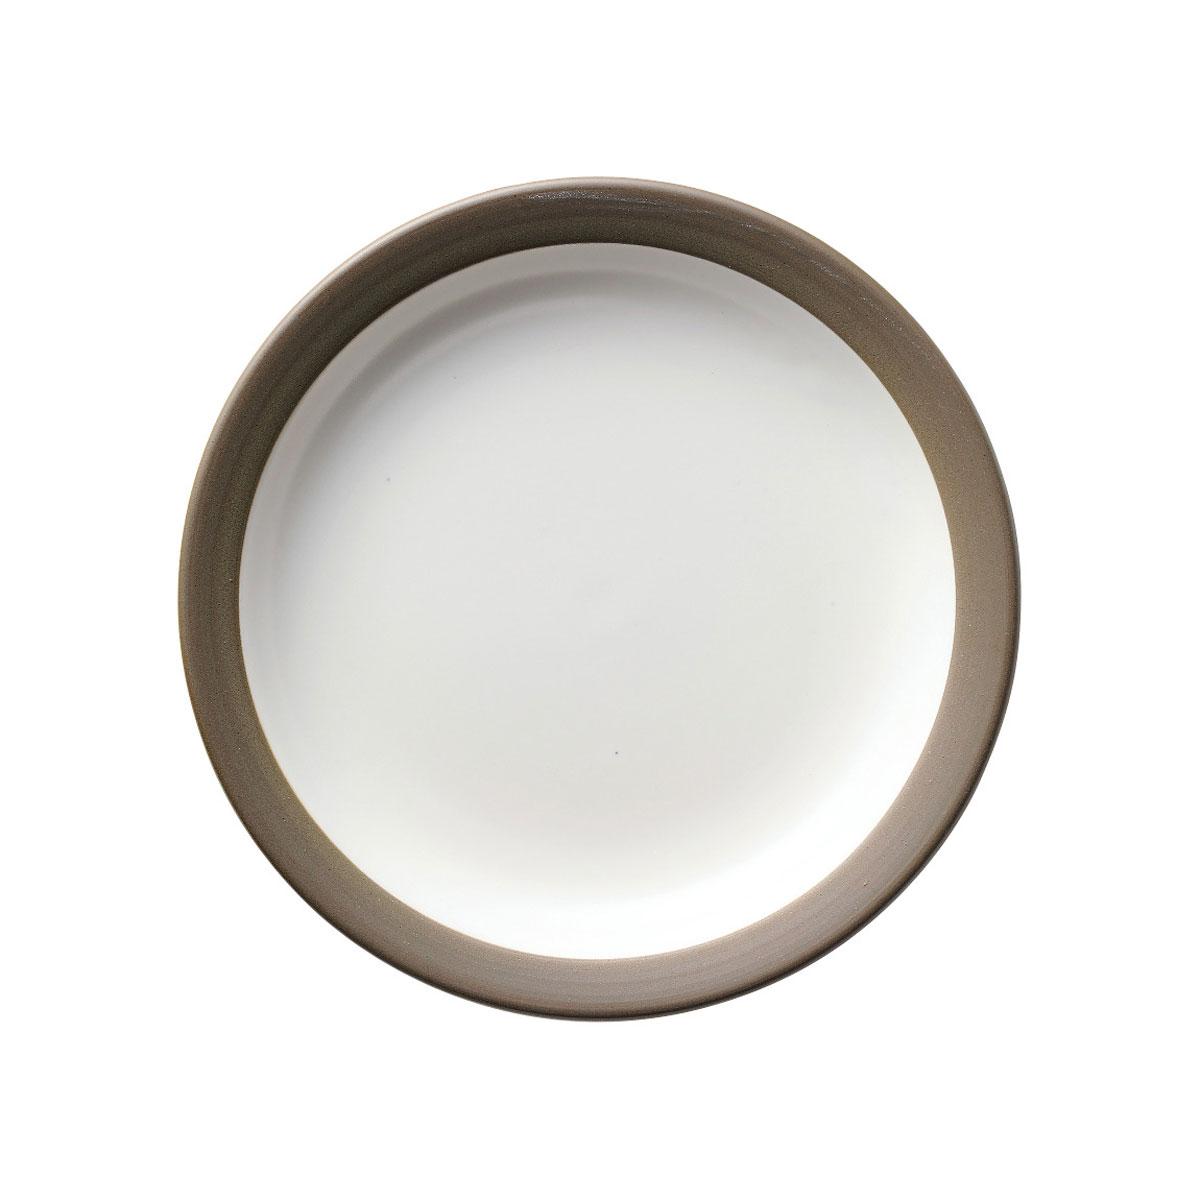 美濃焼 日本製 カフェ ブラウン ホワイト ほっこり スタイル ティータイム 3色 19cmケーキ皿 34216162006 34216110006 至上 ハーベスト 取り寄せ商品 HARVEST 人気商品 34216131006